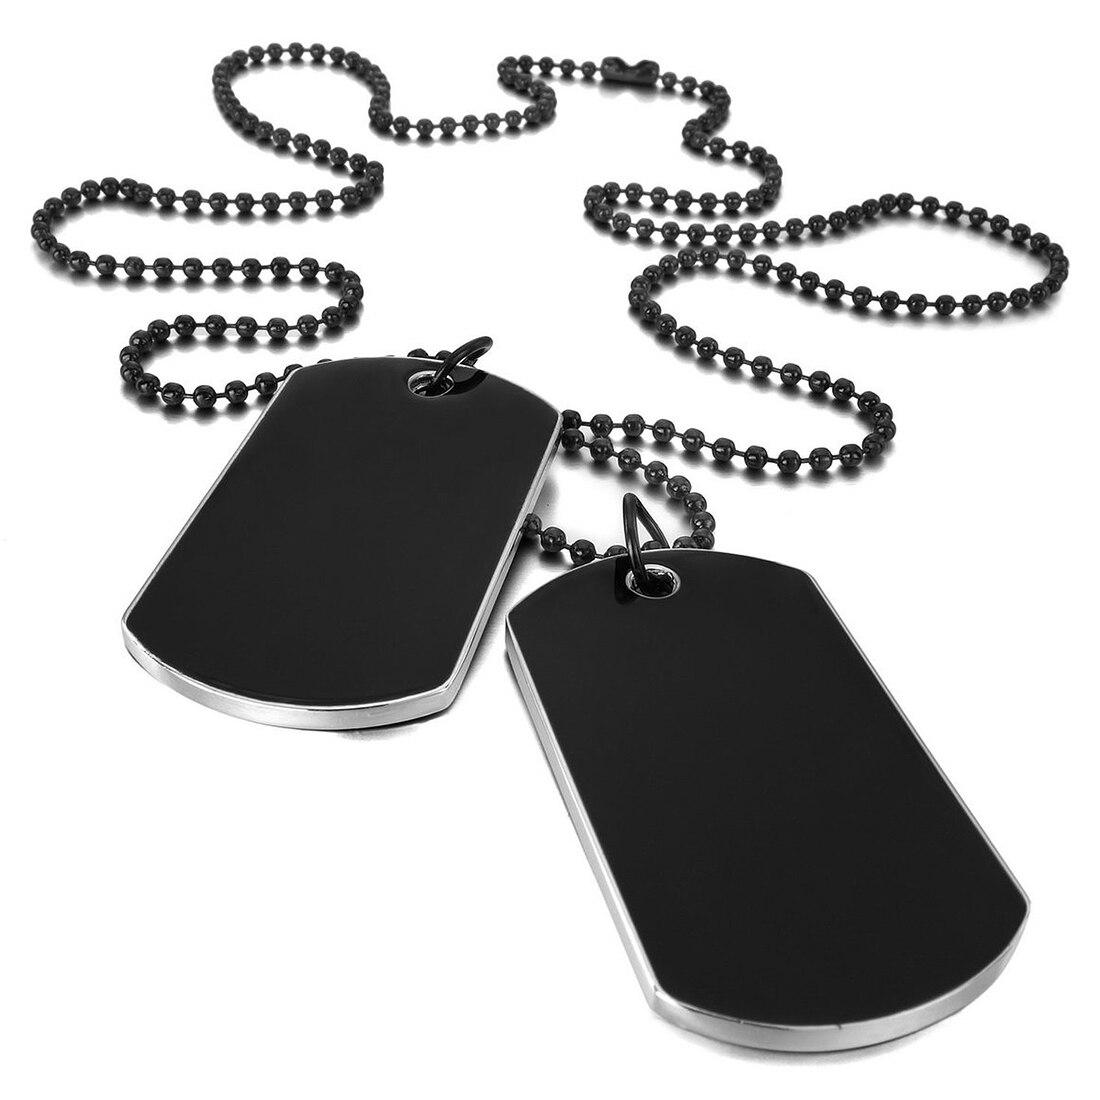 2 шт., ожерелье из сплава, подвеска, черное армейское название, двойная собачья бирка, Байкерская цепочка, ожерелье, 27 дюймов, для мужчин